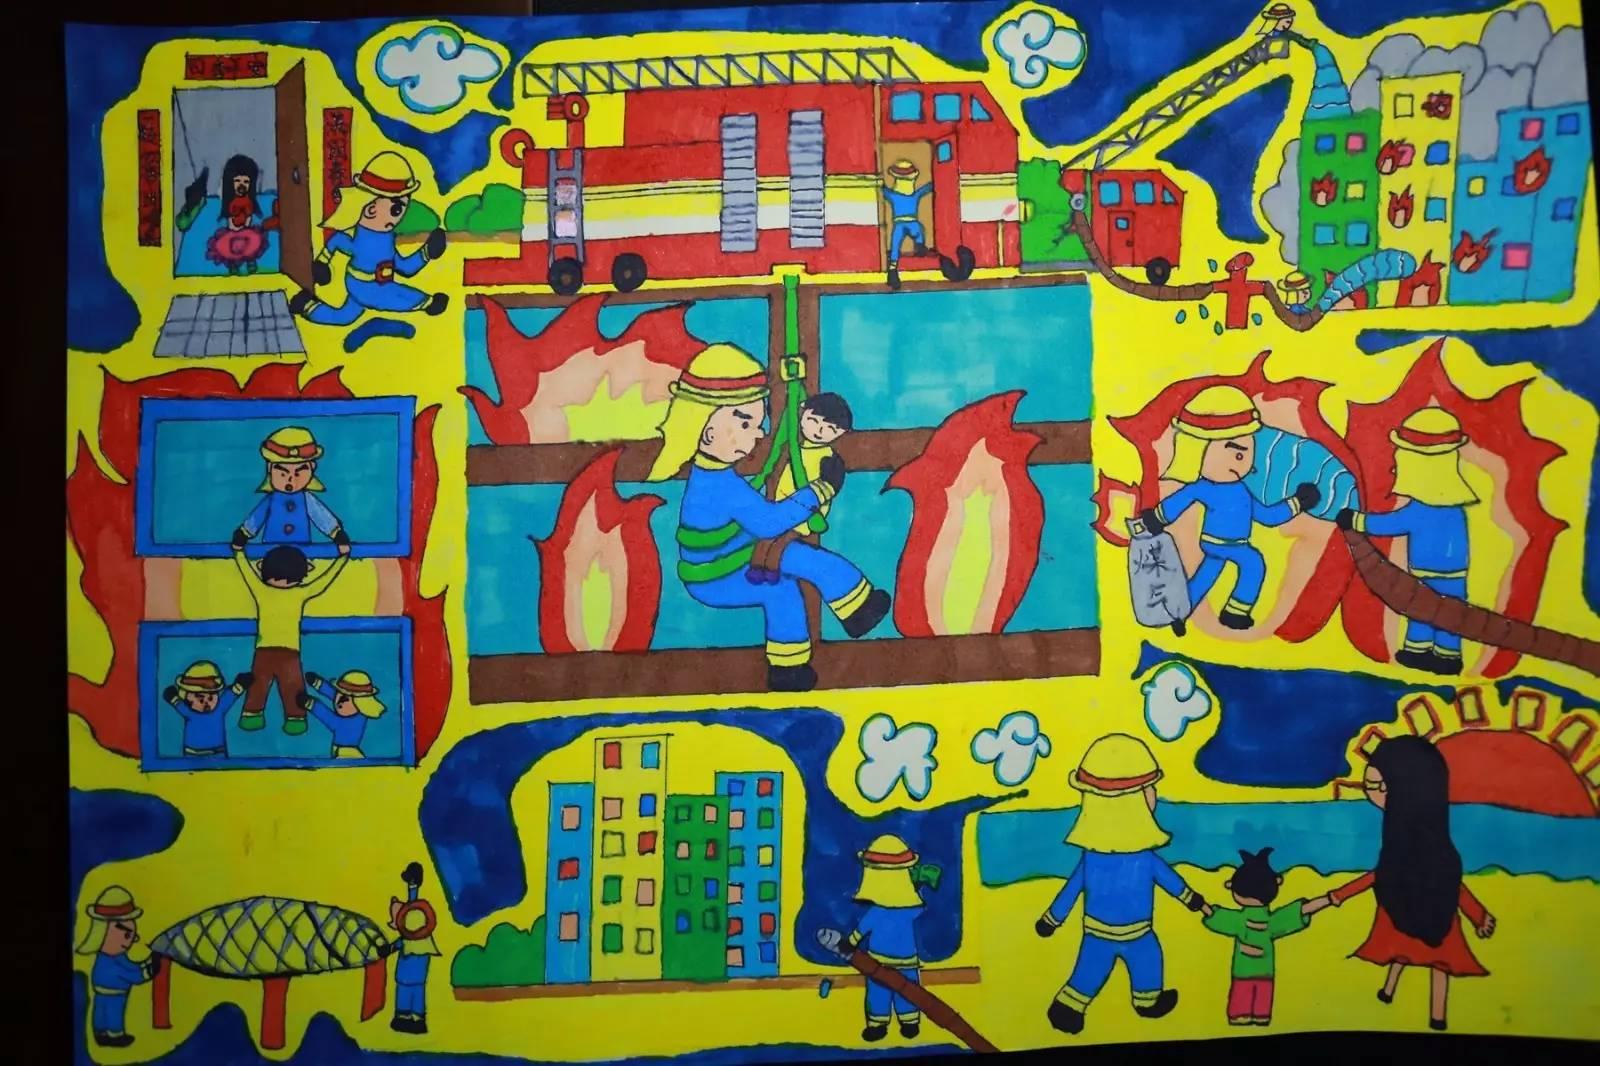 【我是小小消防员】第二届全国儿童消防作文绘画部分图片